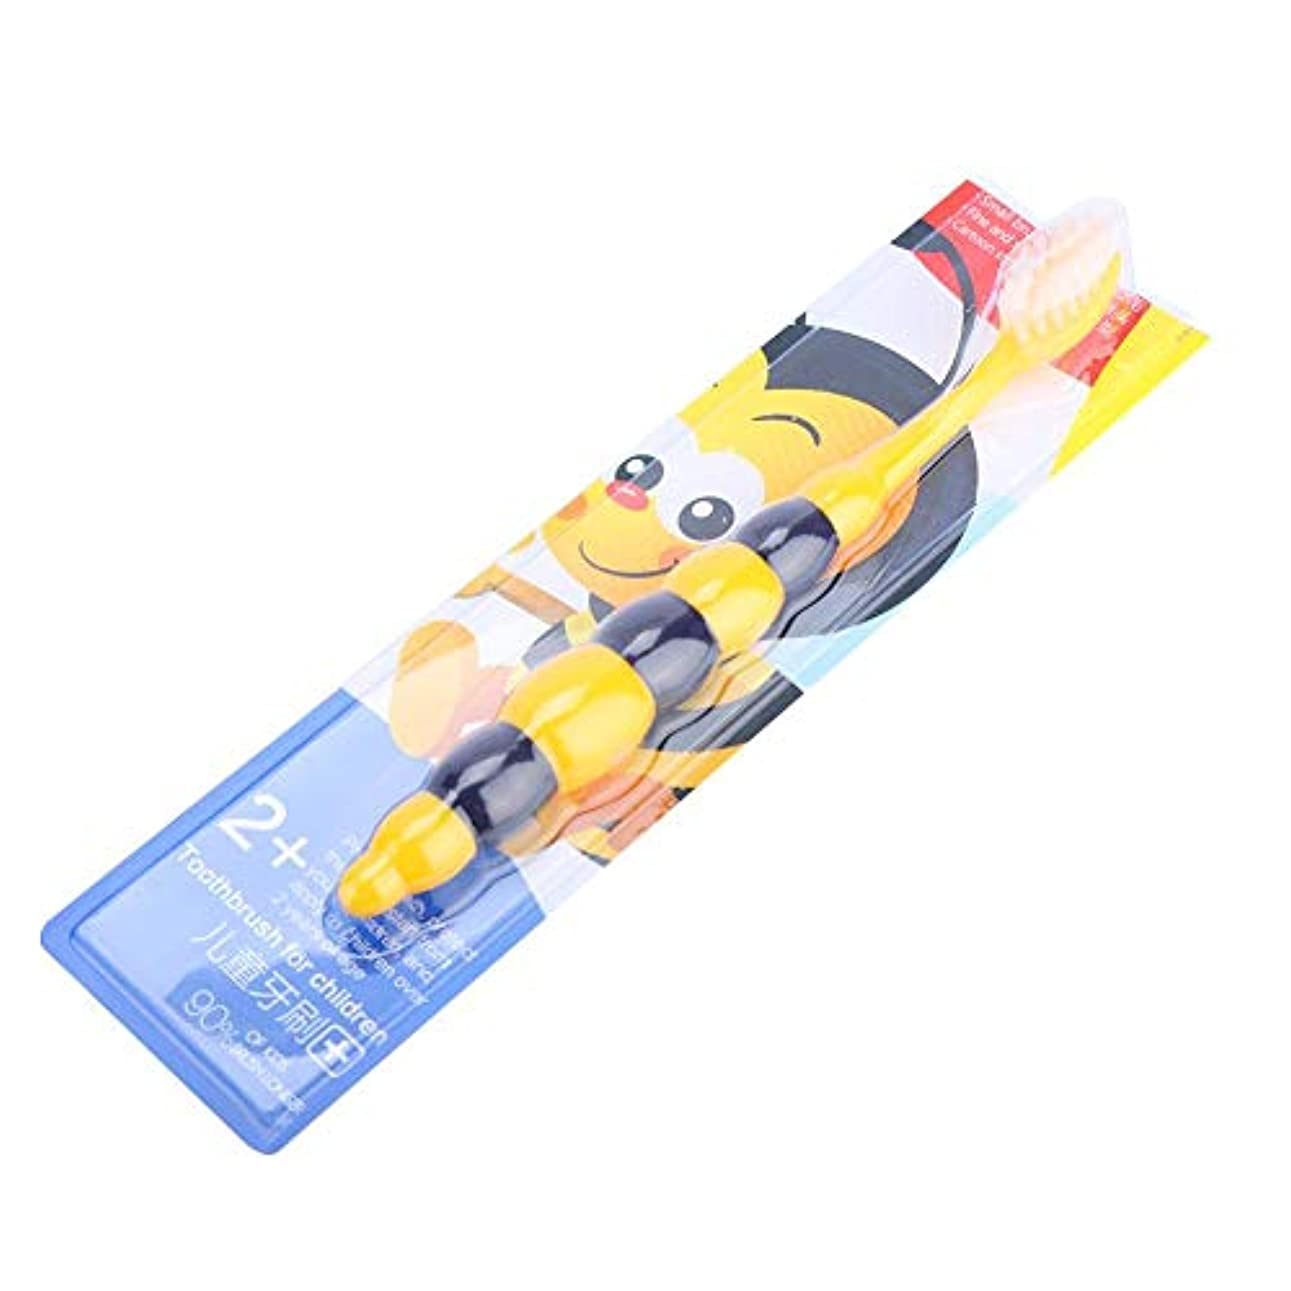 胸地域の混雑歯ブラシの子供の柔らかい毛のかわいい口頭心配用具